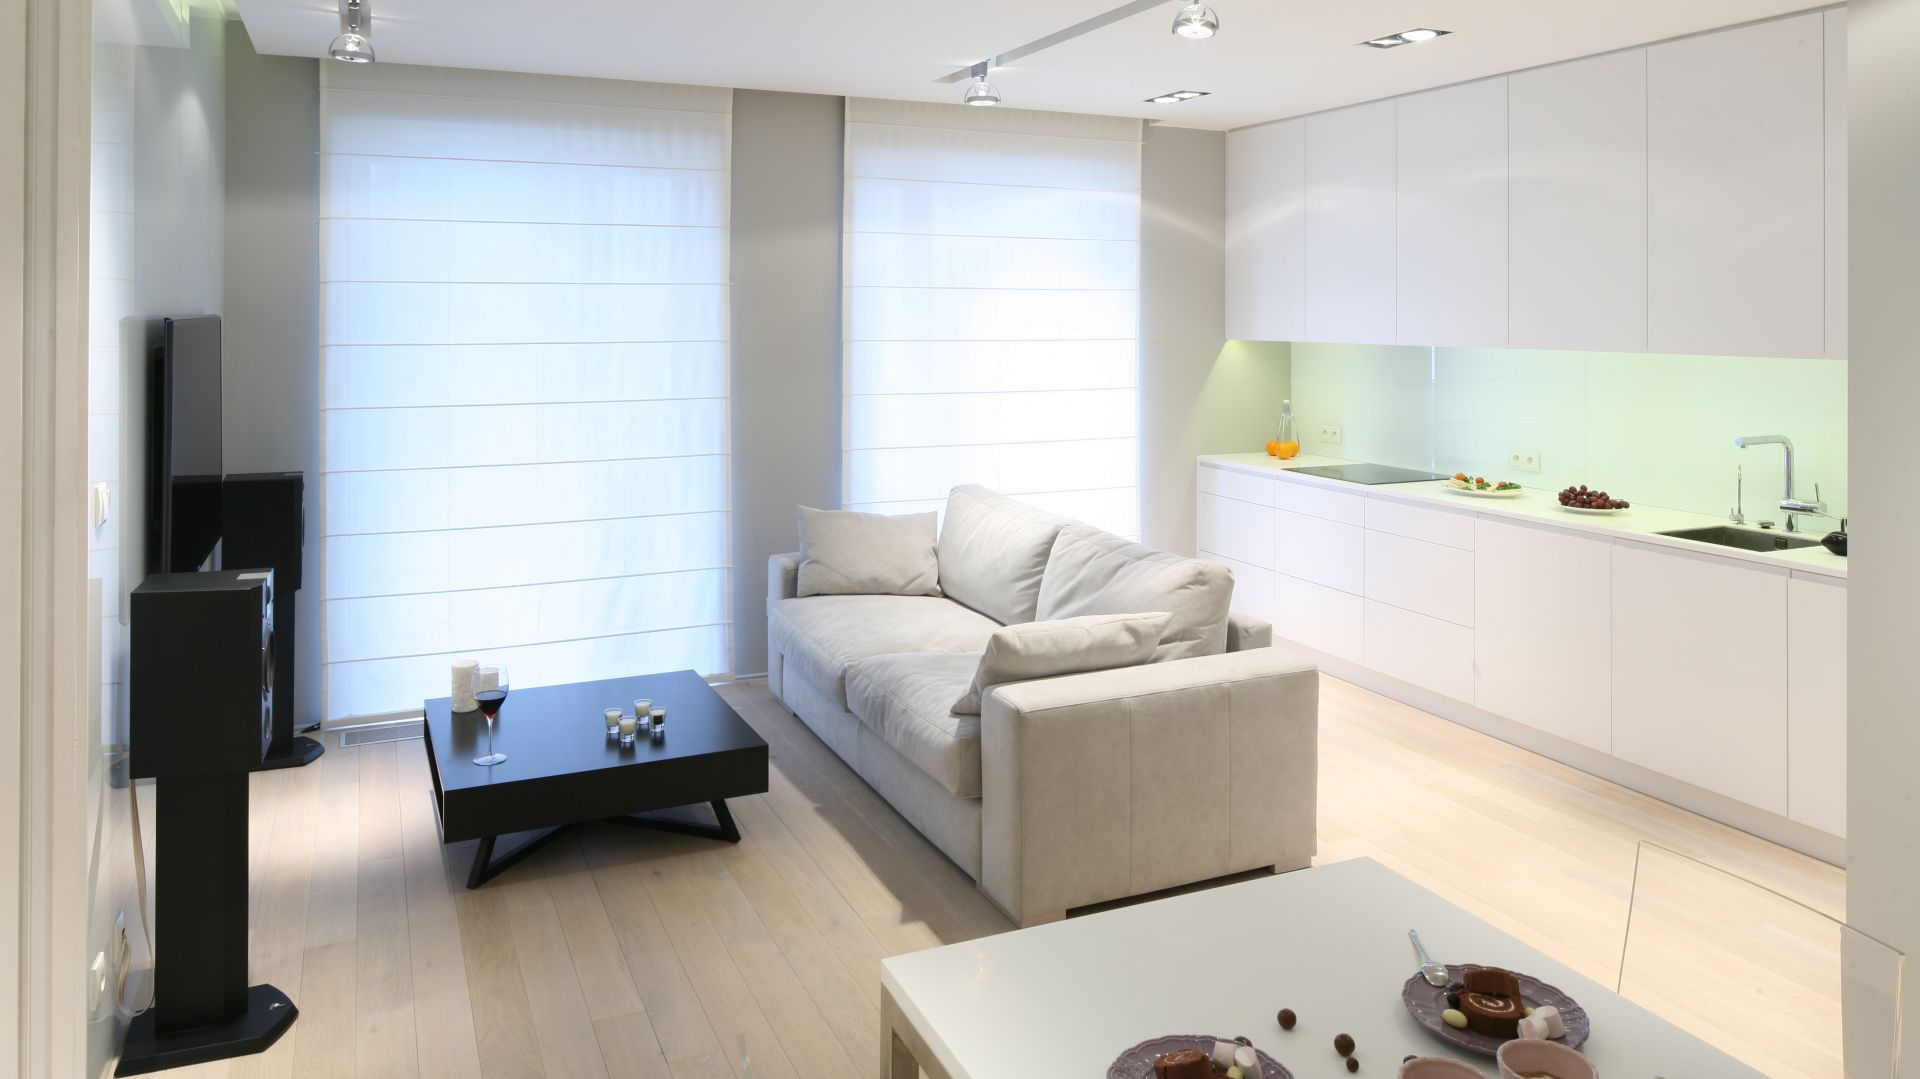 Salon połączony z kuchnią. Jasna kanapa w elegancki sposób dzieli obie strefy.  Duże okno sprawia, że pomieszczenie jest dobrze oświetlone i wydaje się wyższe. Projekt: Monika i Adam Bronikowscy Fot. Bartosz Jarosz